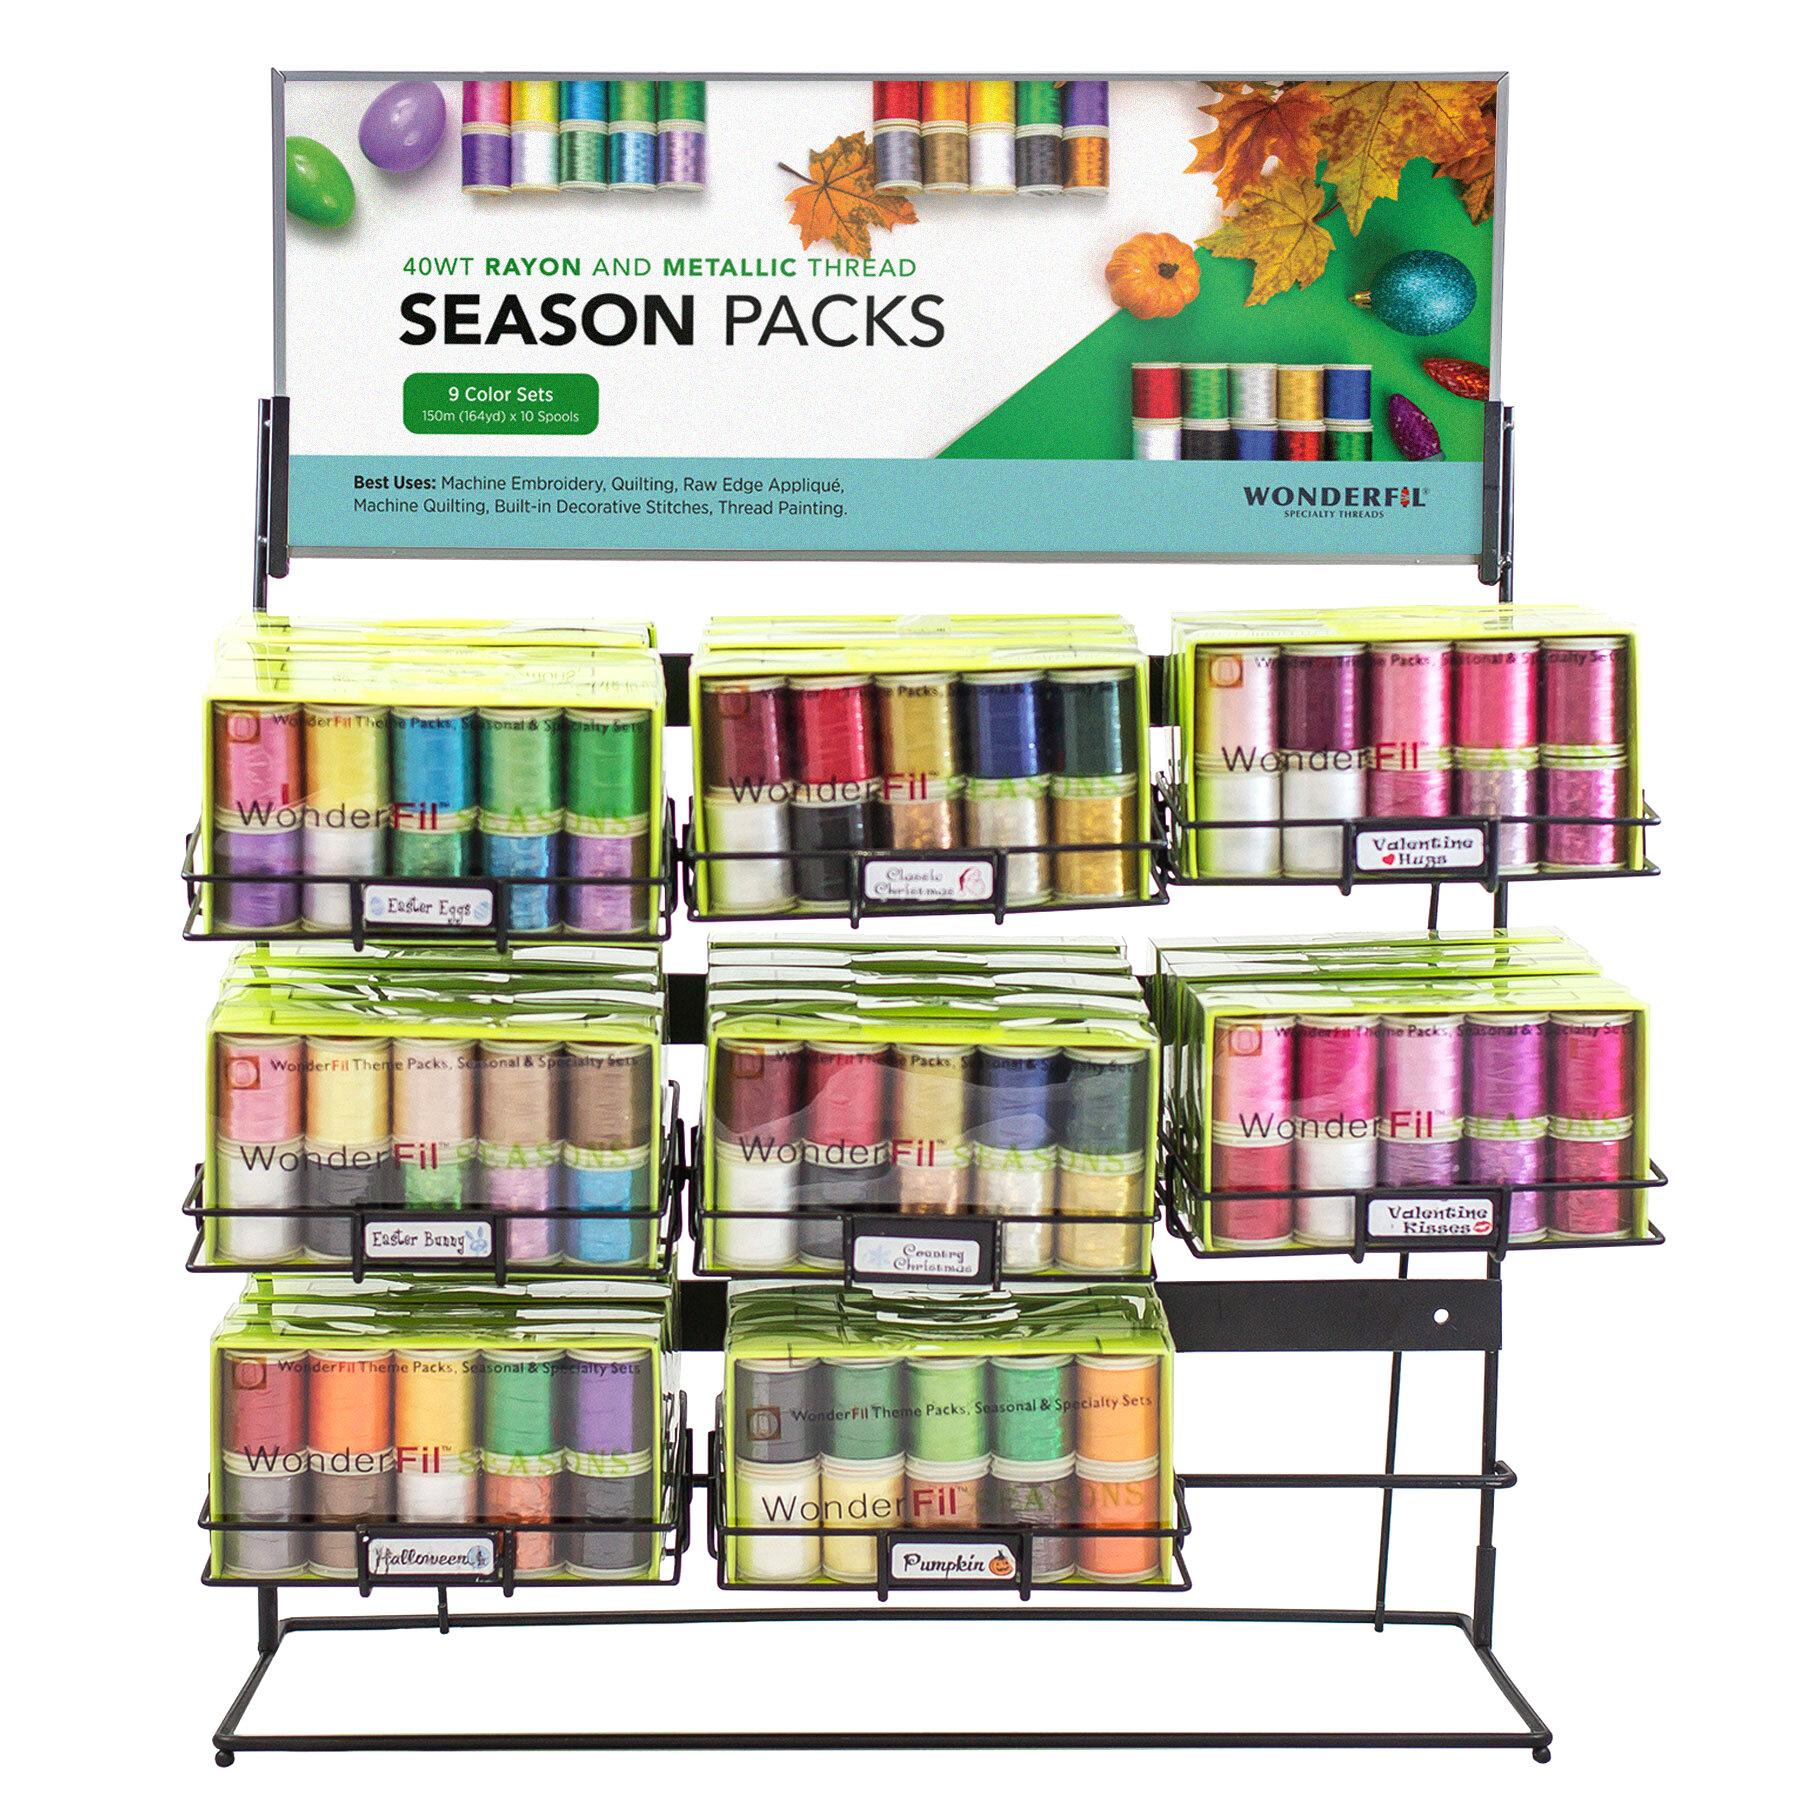 Seasons-Packs-Display.jpg